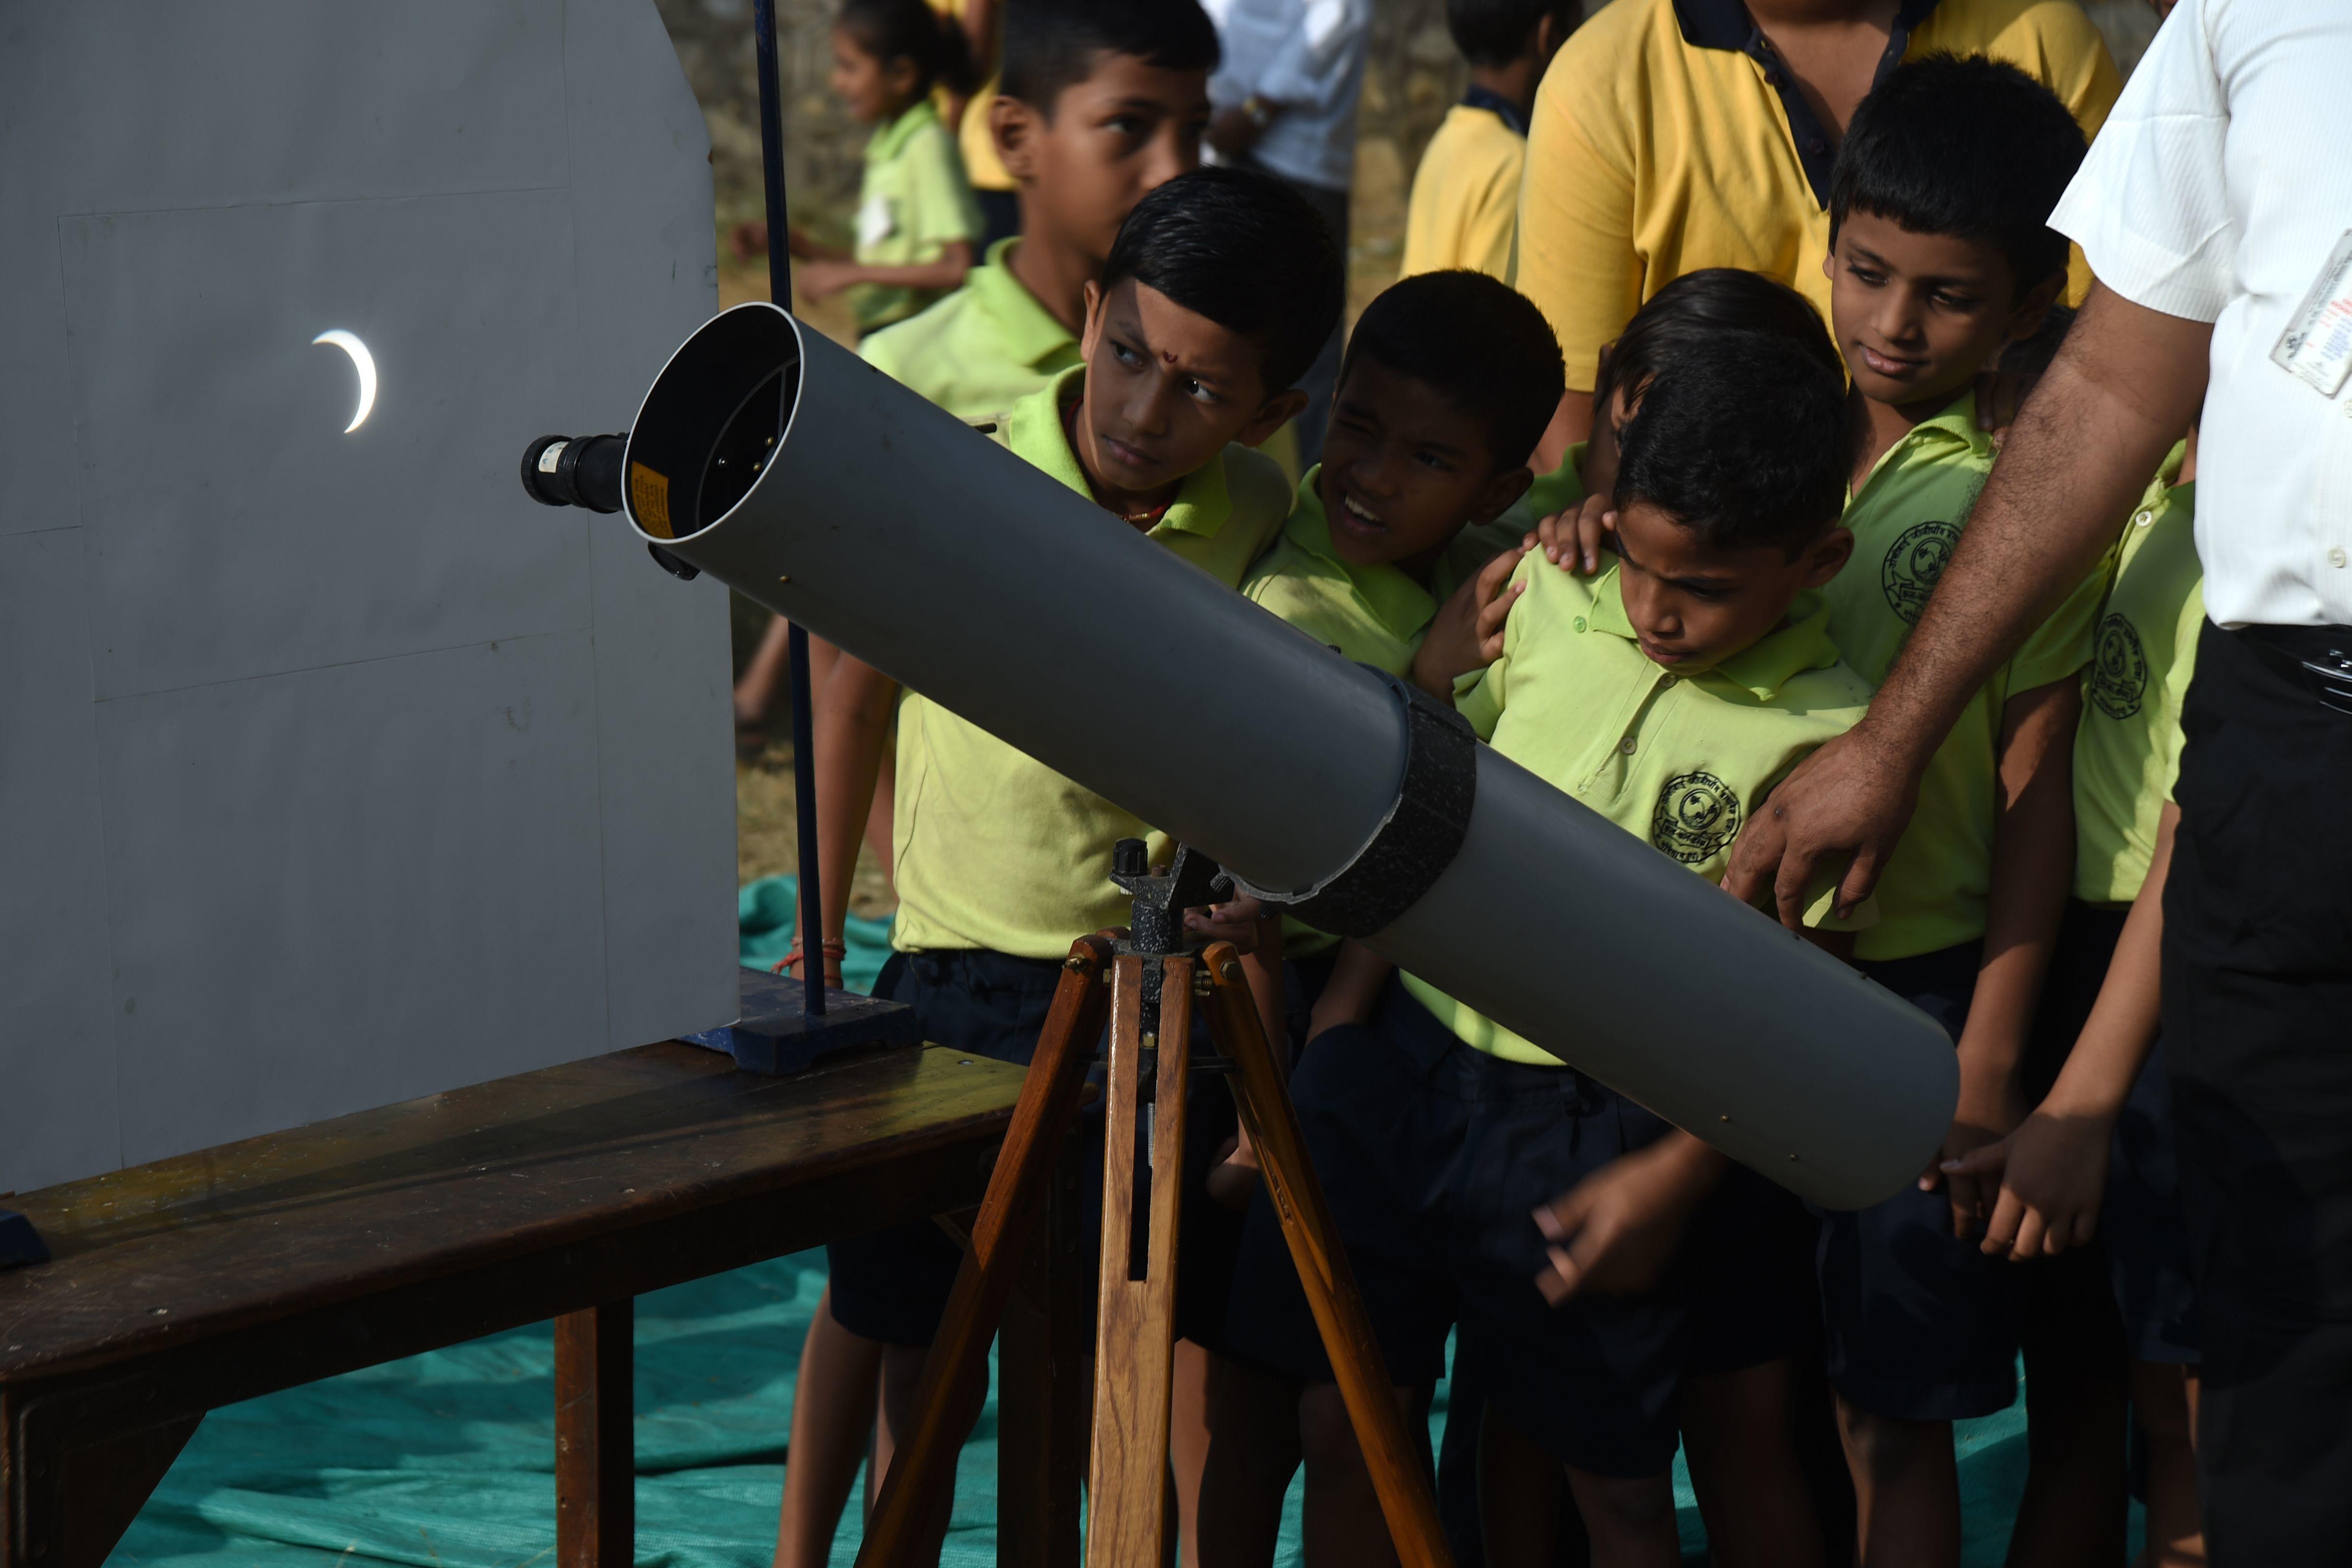 মুম্বইয়ে স্কুল ছাত্র-ছাত্রীরা সূর্যগ্রহণ দেখছে (AFP)